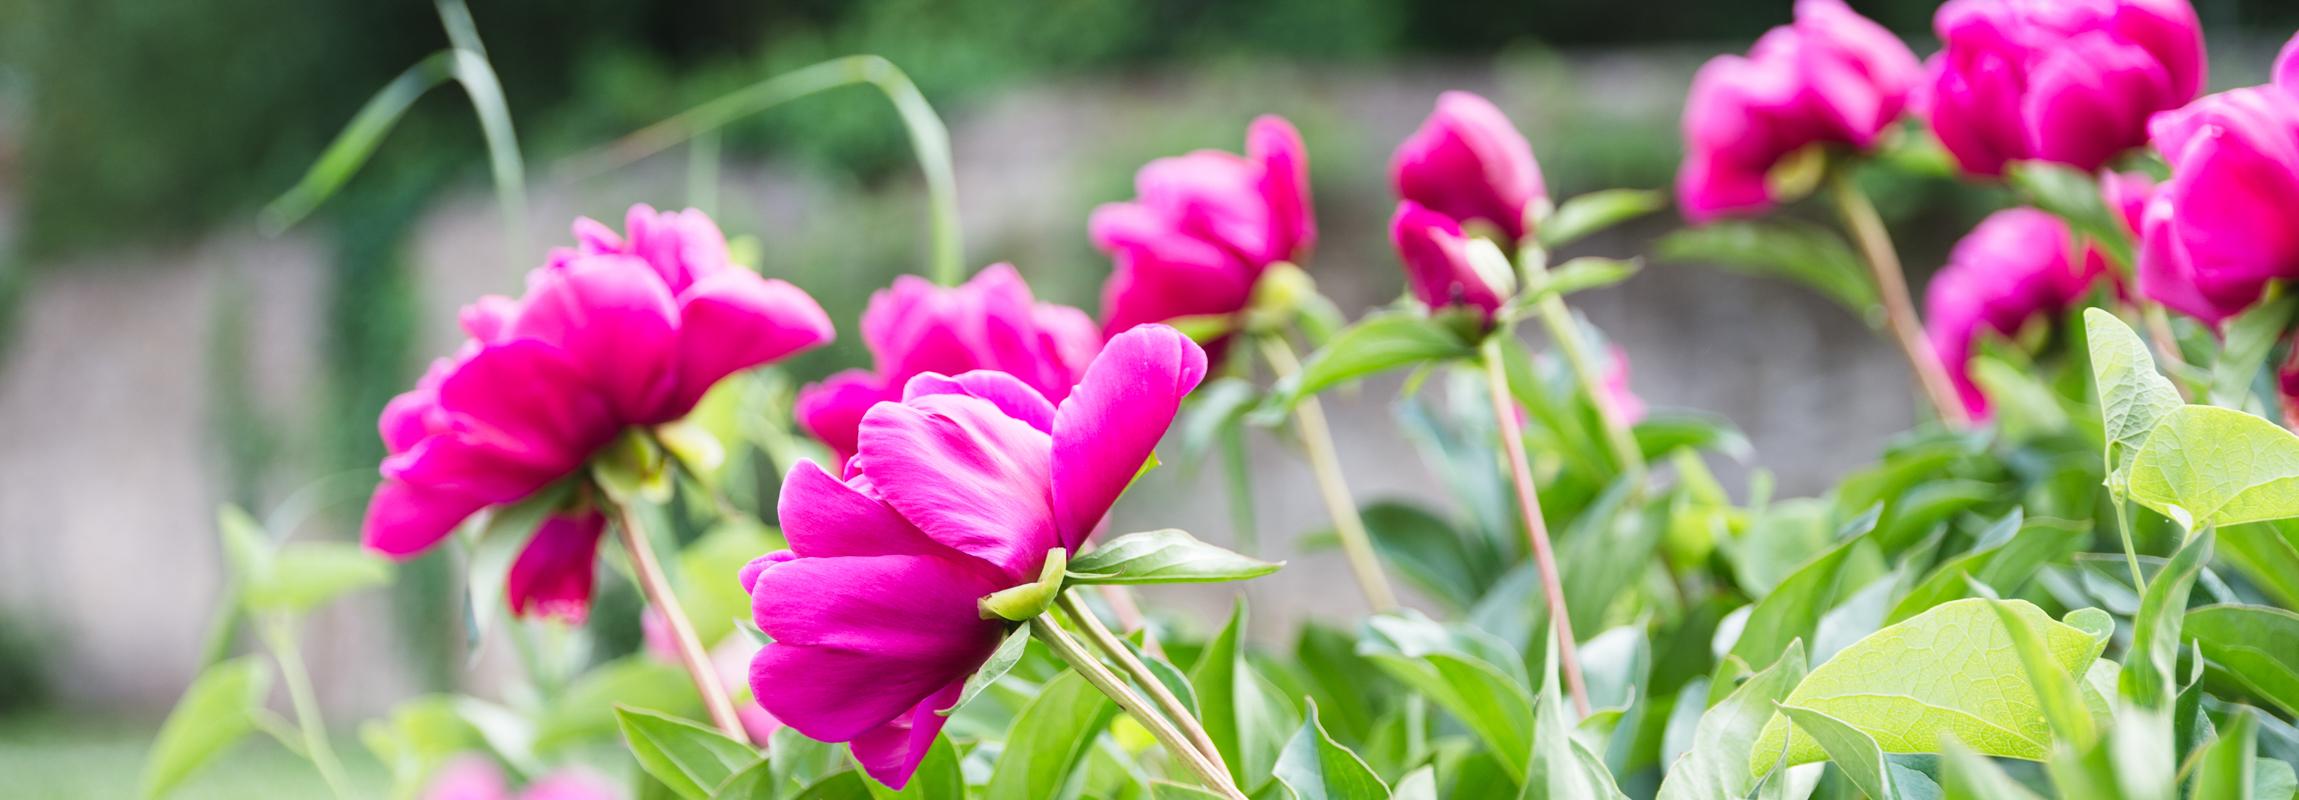 Le jardin olfactif de l'Hôtel Château de Montcaud est situé dans le jardin des parfums au milieu du parc, directement à côté du Mas. Ici, aux portes de la Provence, dans le sud de la France, des cours de parfum seront bientôt proposés.